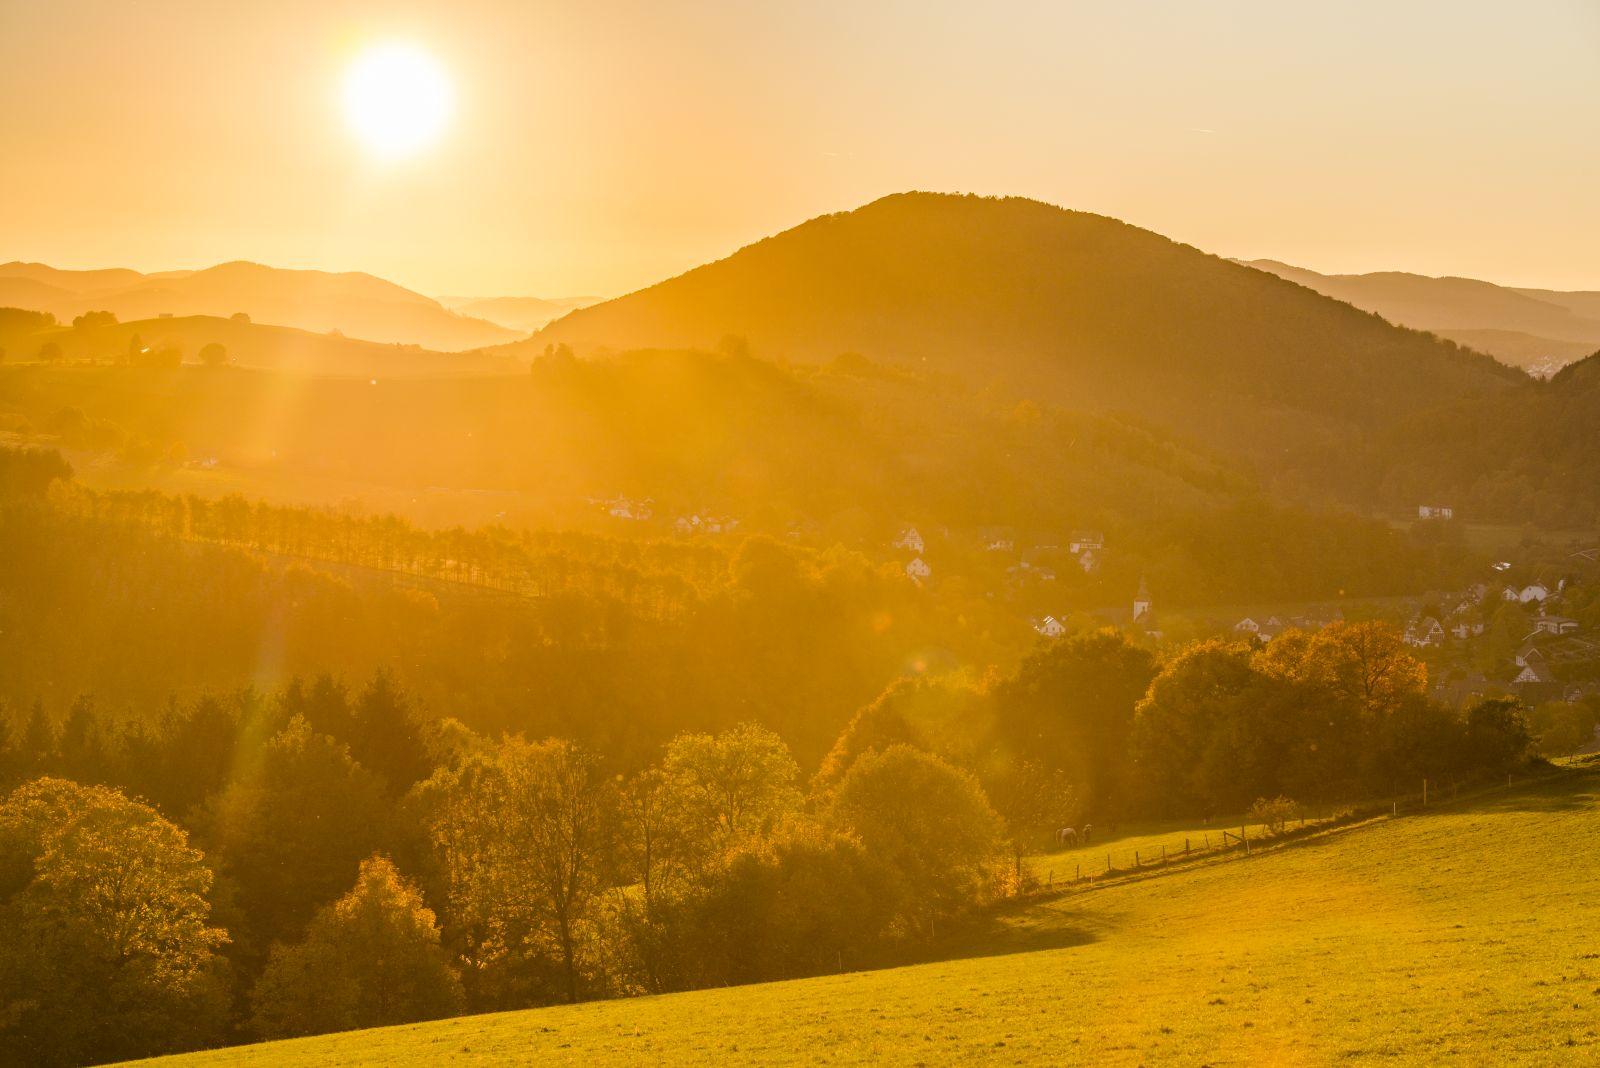 Goldener Herbst - Sonnenuntergang